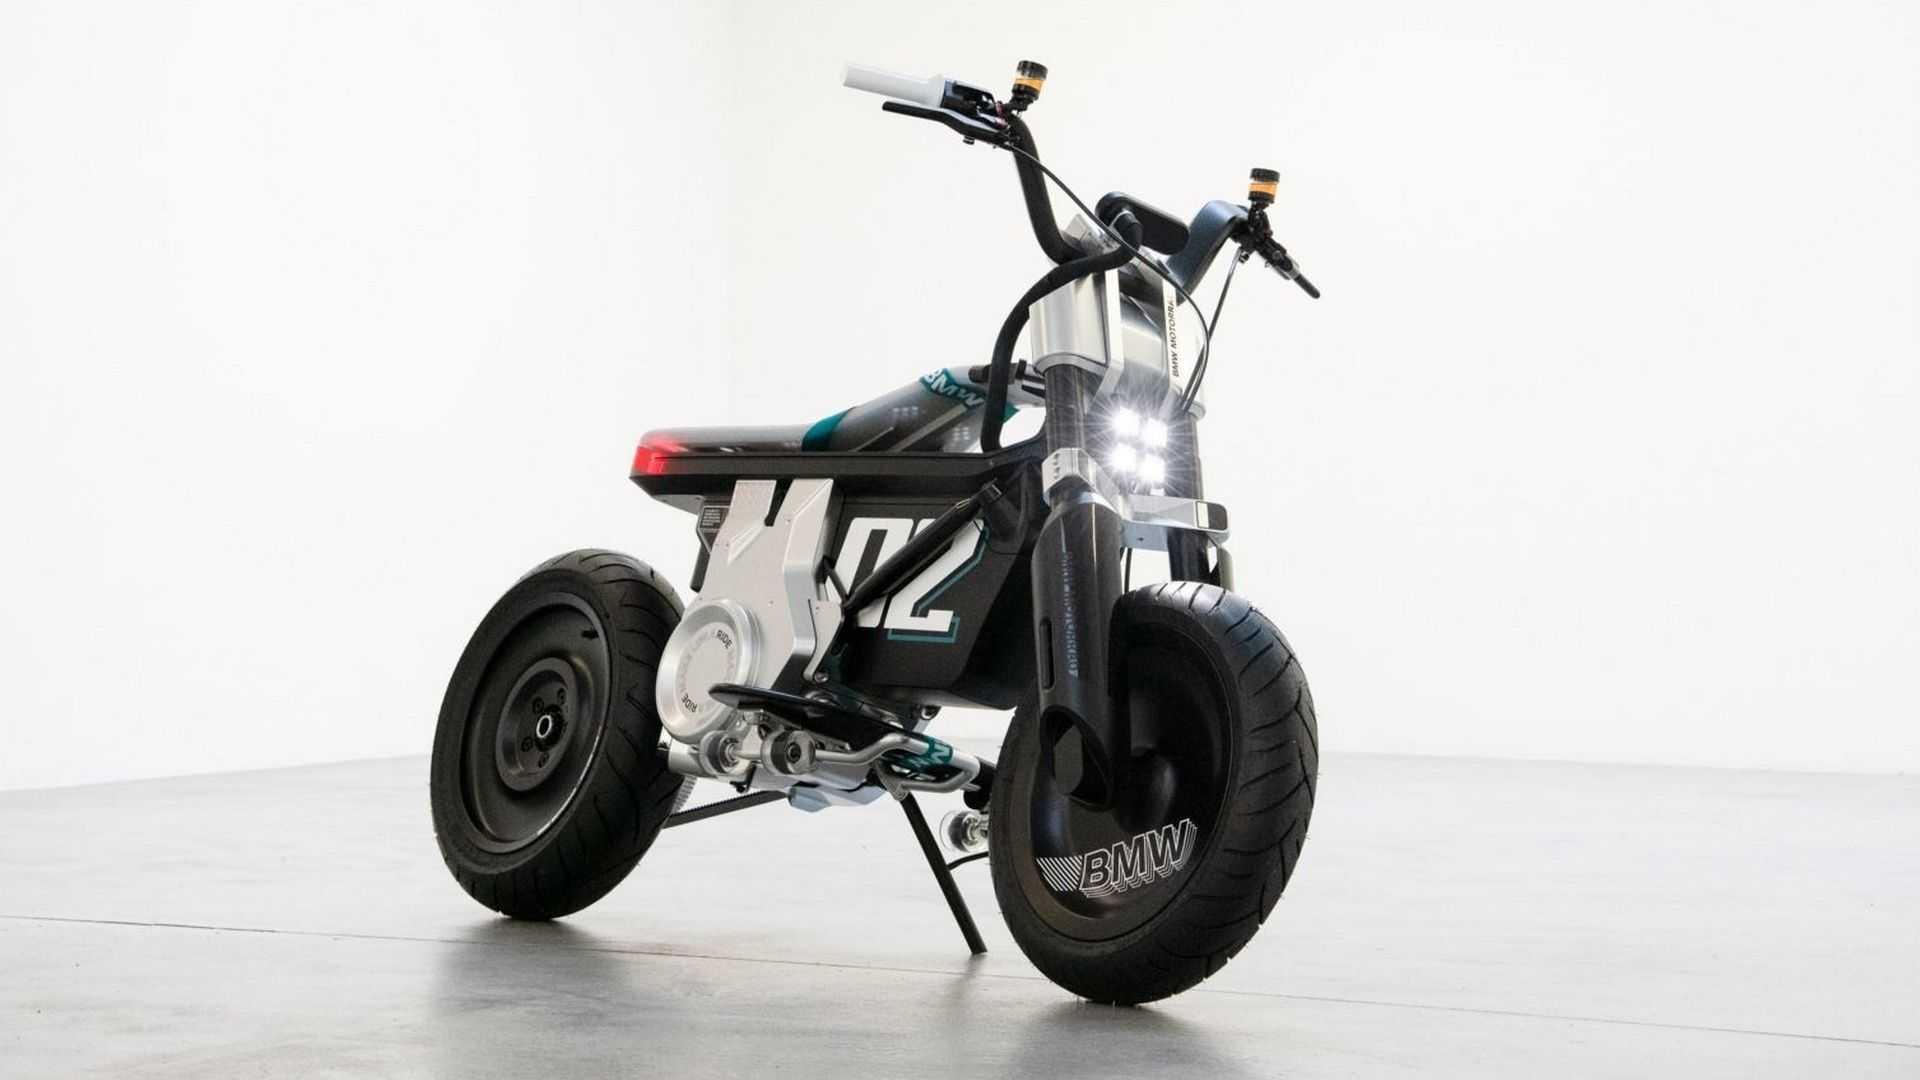 BMW - moto elétrica - CNH - autonomia